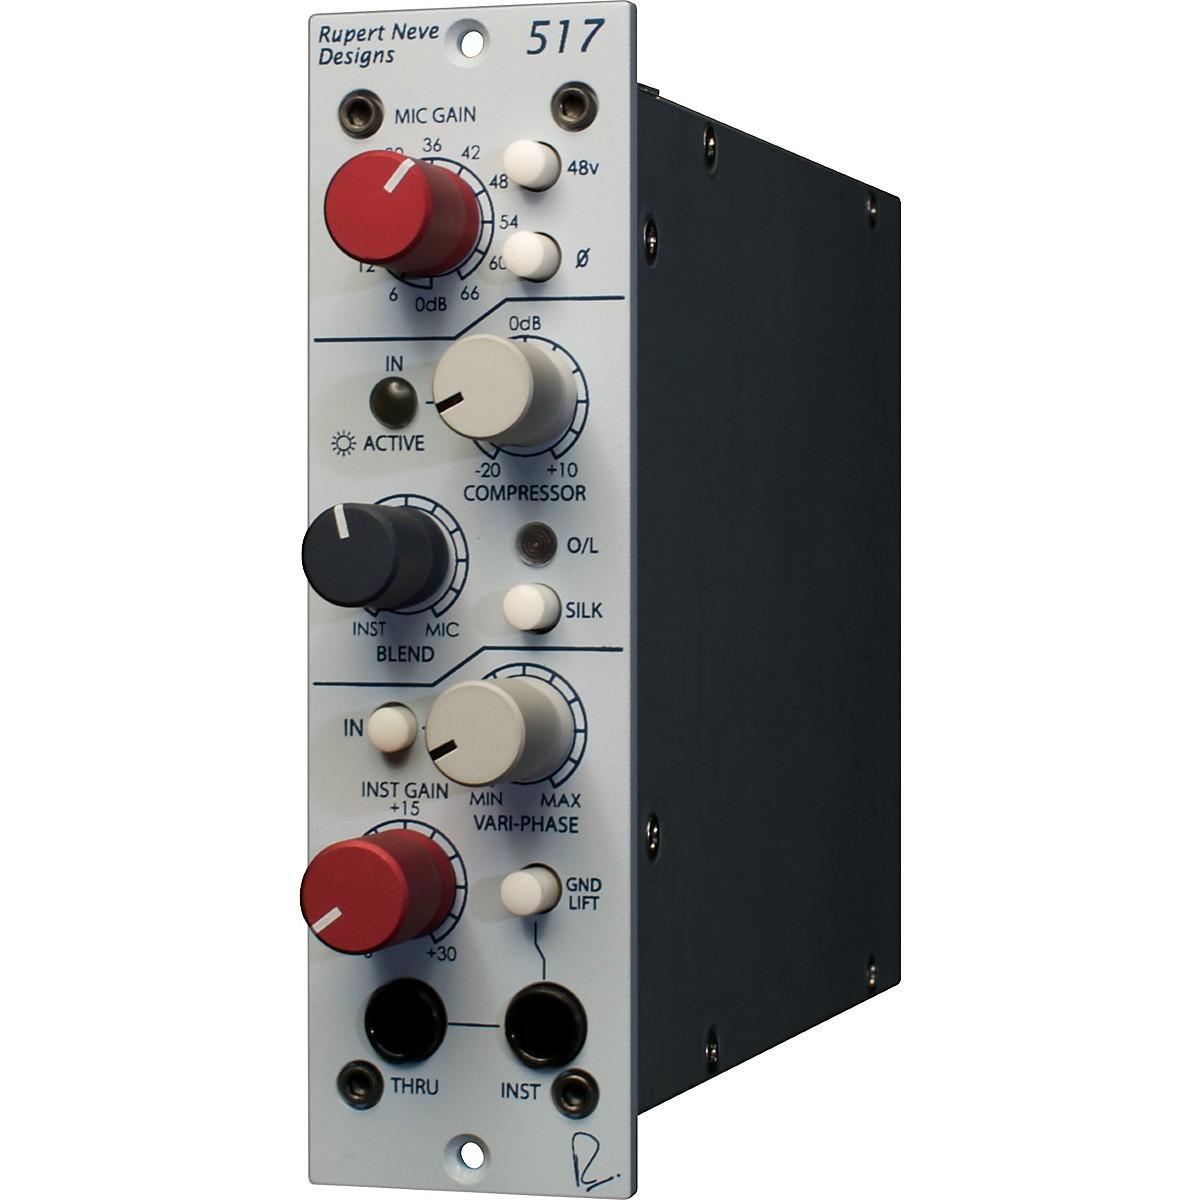 Rupert Neve Designs Portico 517: 500 Series Mic Pre / DI / Comp